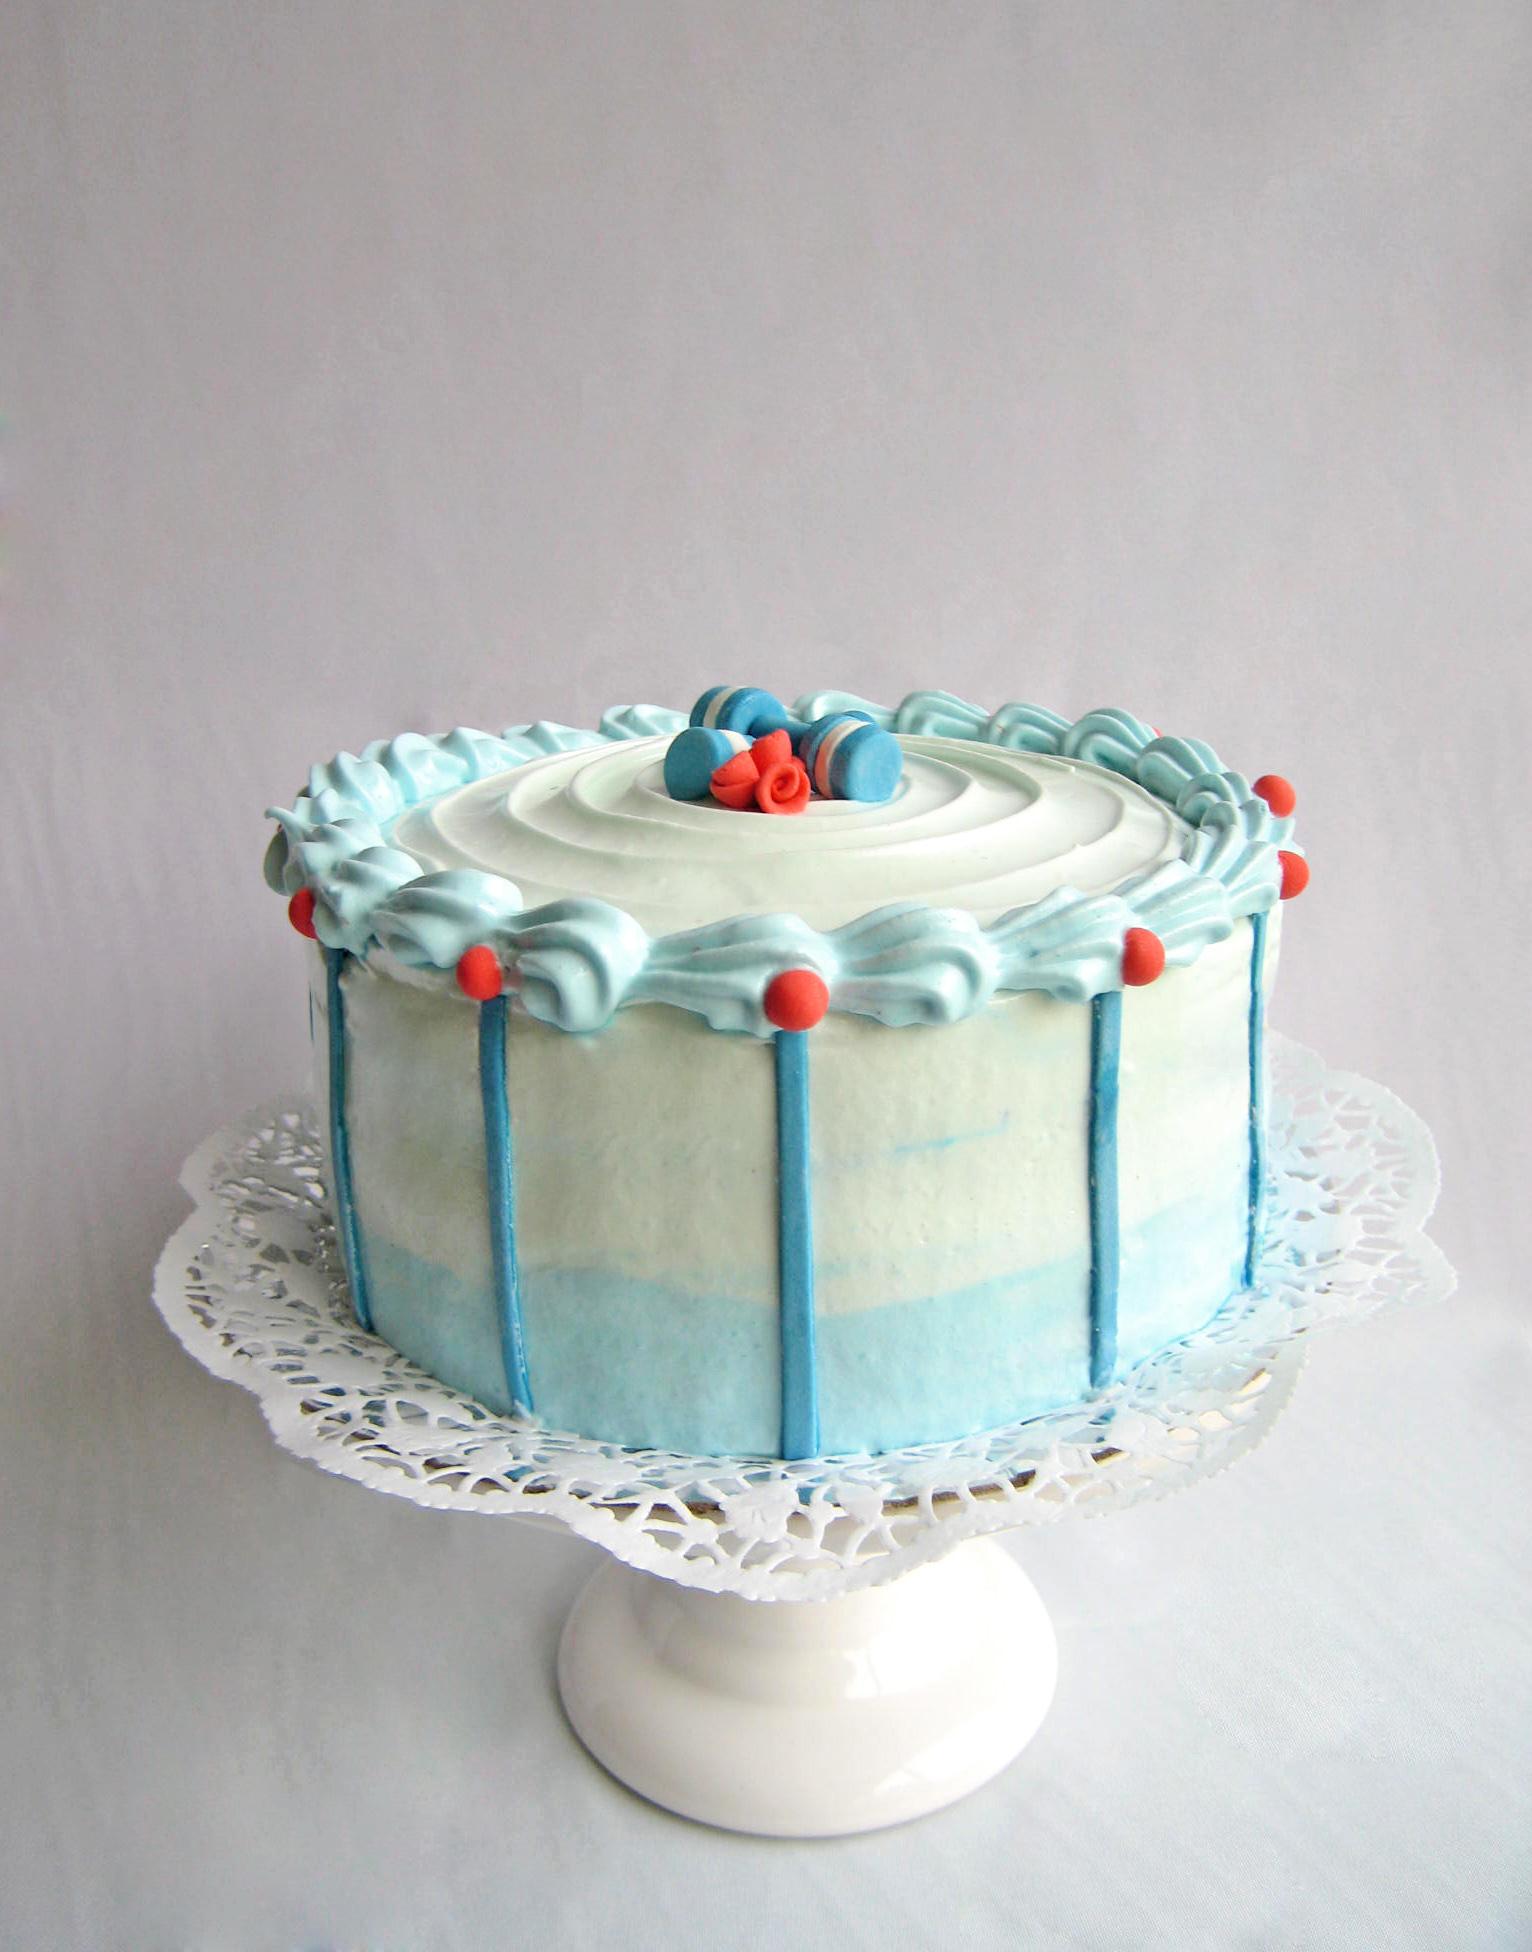 Fotos de tortas llaneras